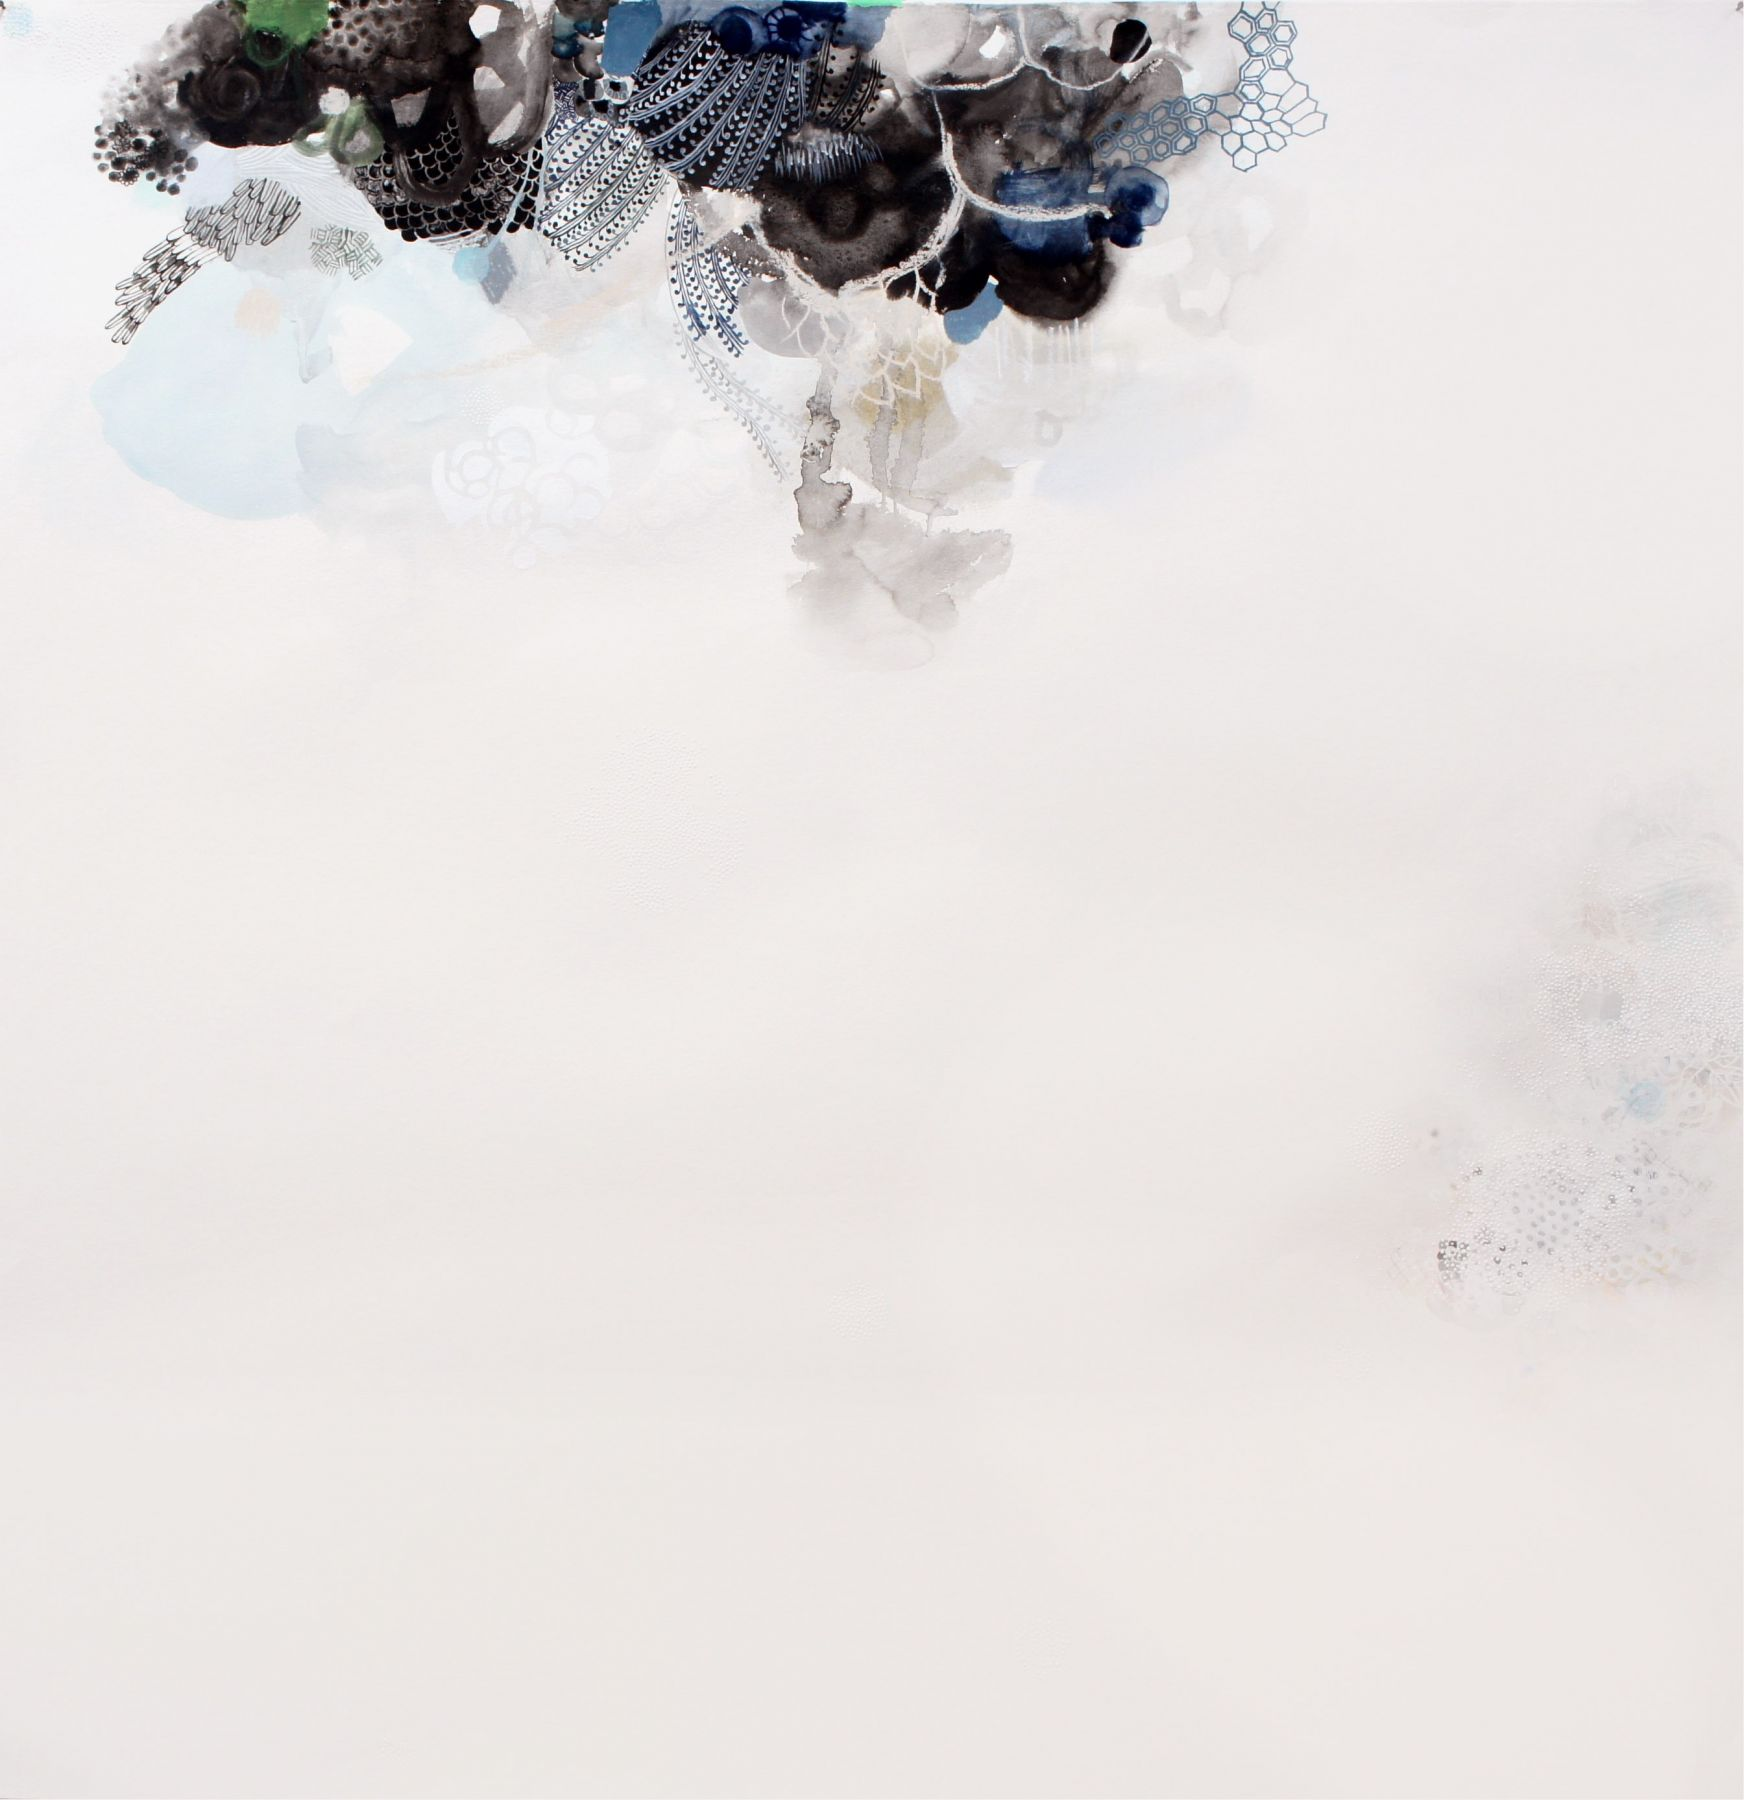 Amanda Humphries Quiet Painting  watercolour, gouache  charcoal on paper  119.5 cm x 115.5 cm  2018